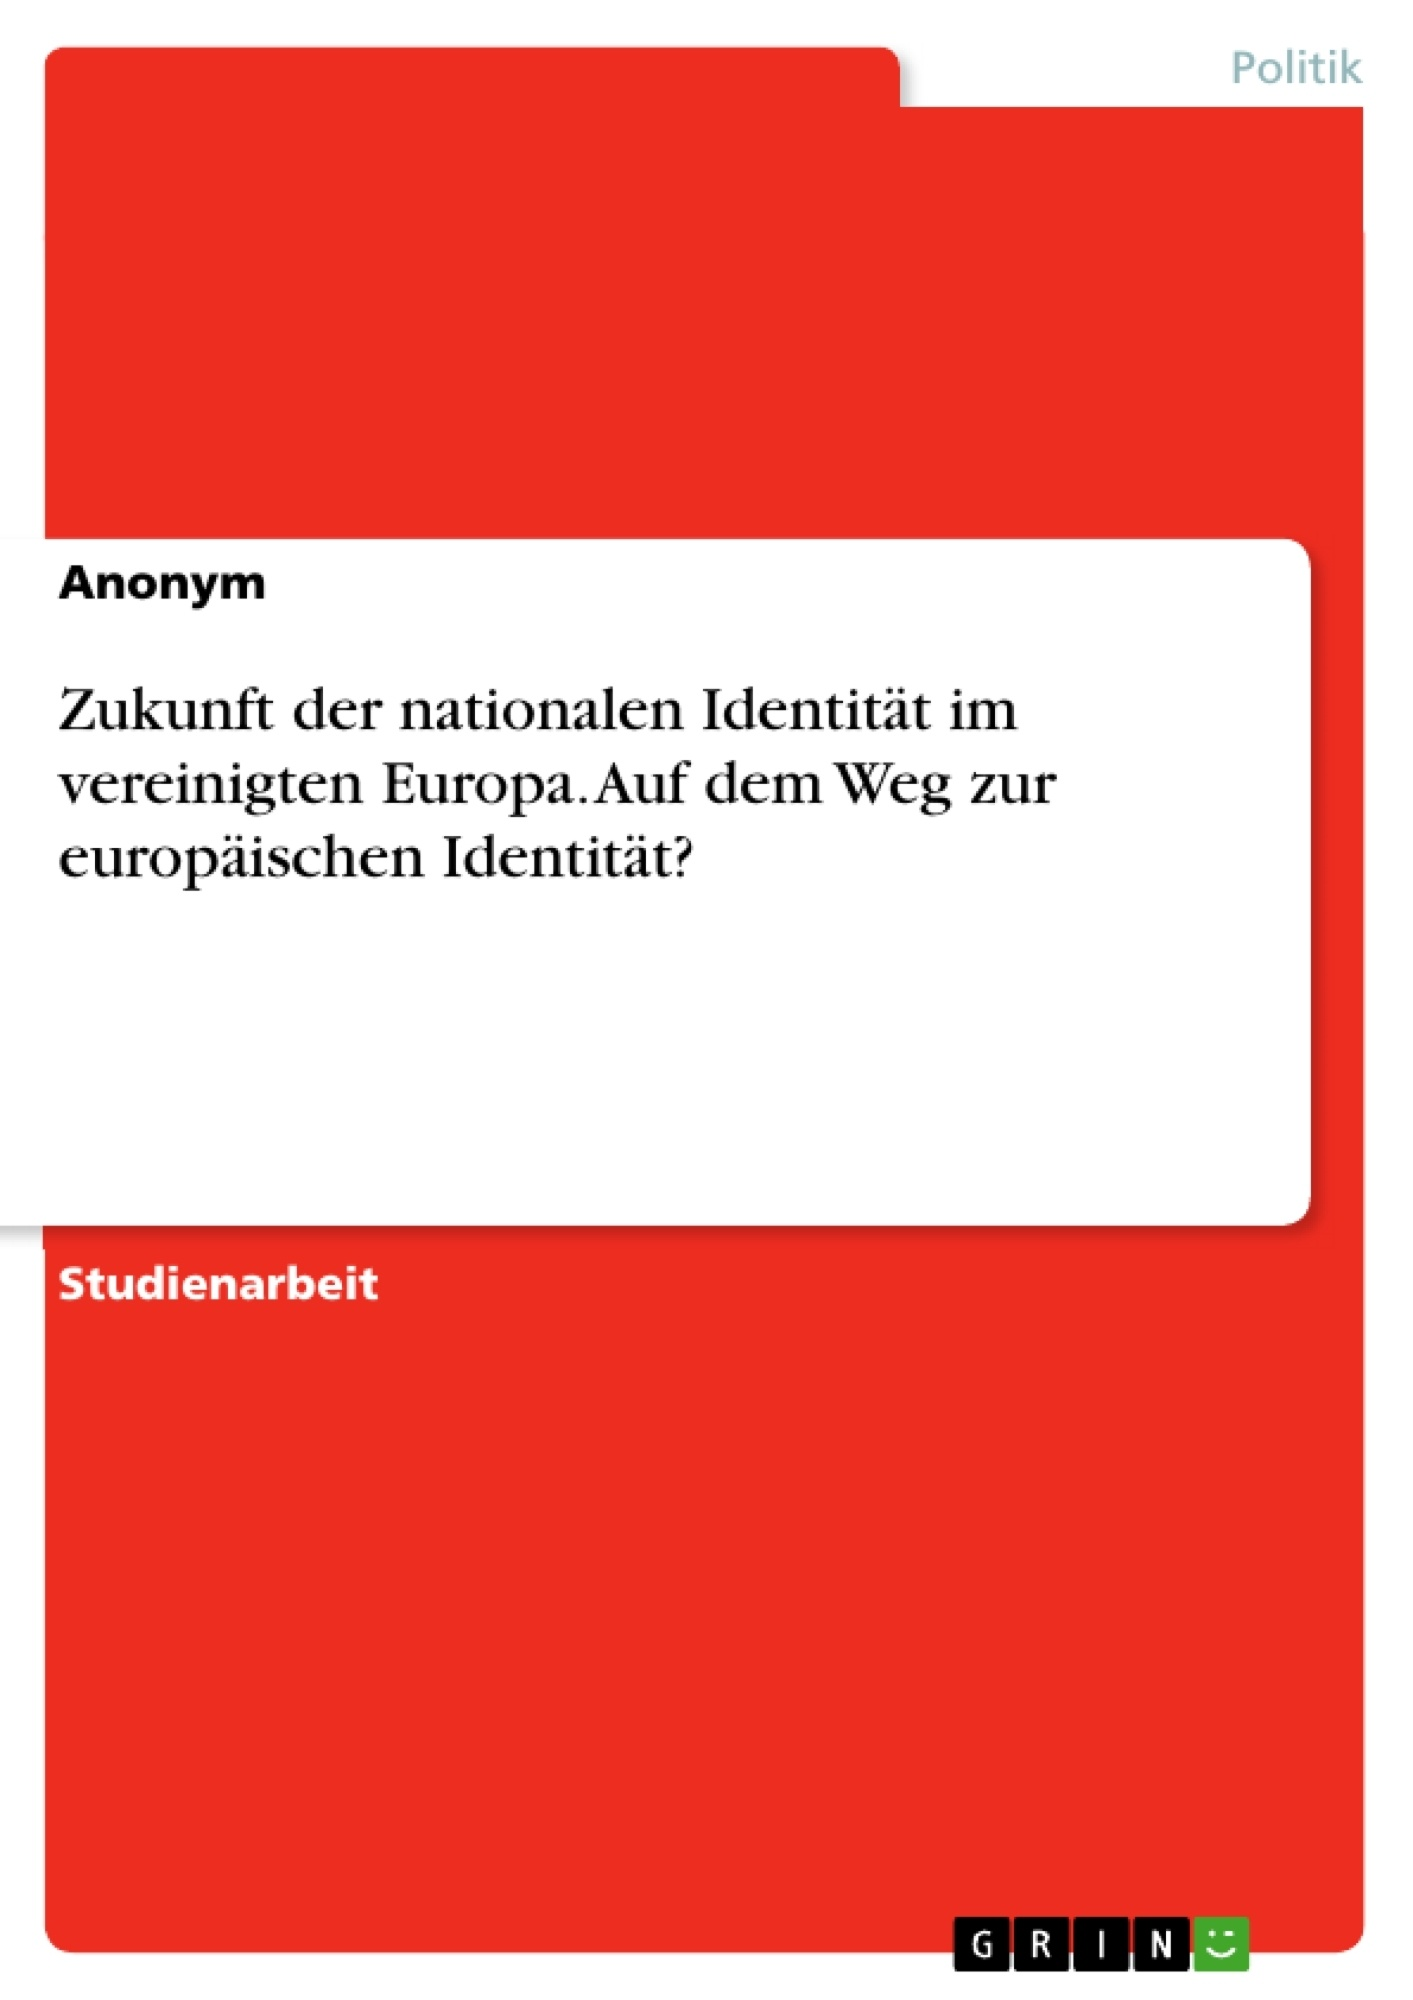 Titel: Zukunft der nationalen Identität im vereinigten Europa. Auf dem Weg zur europäischen Identität?